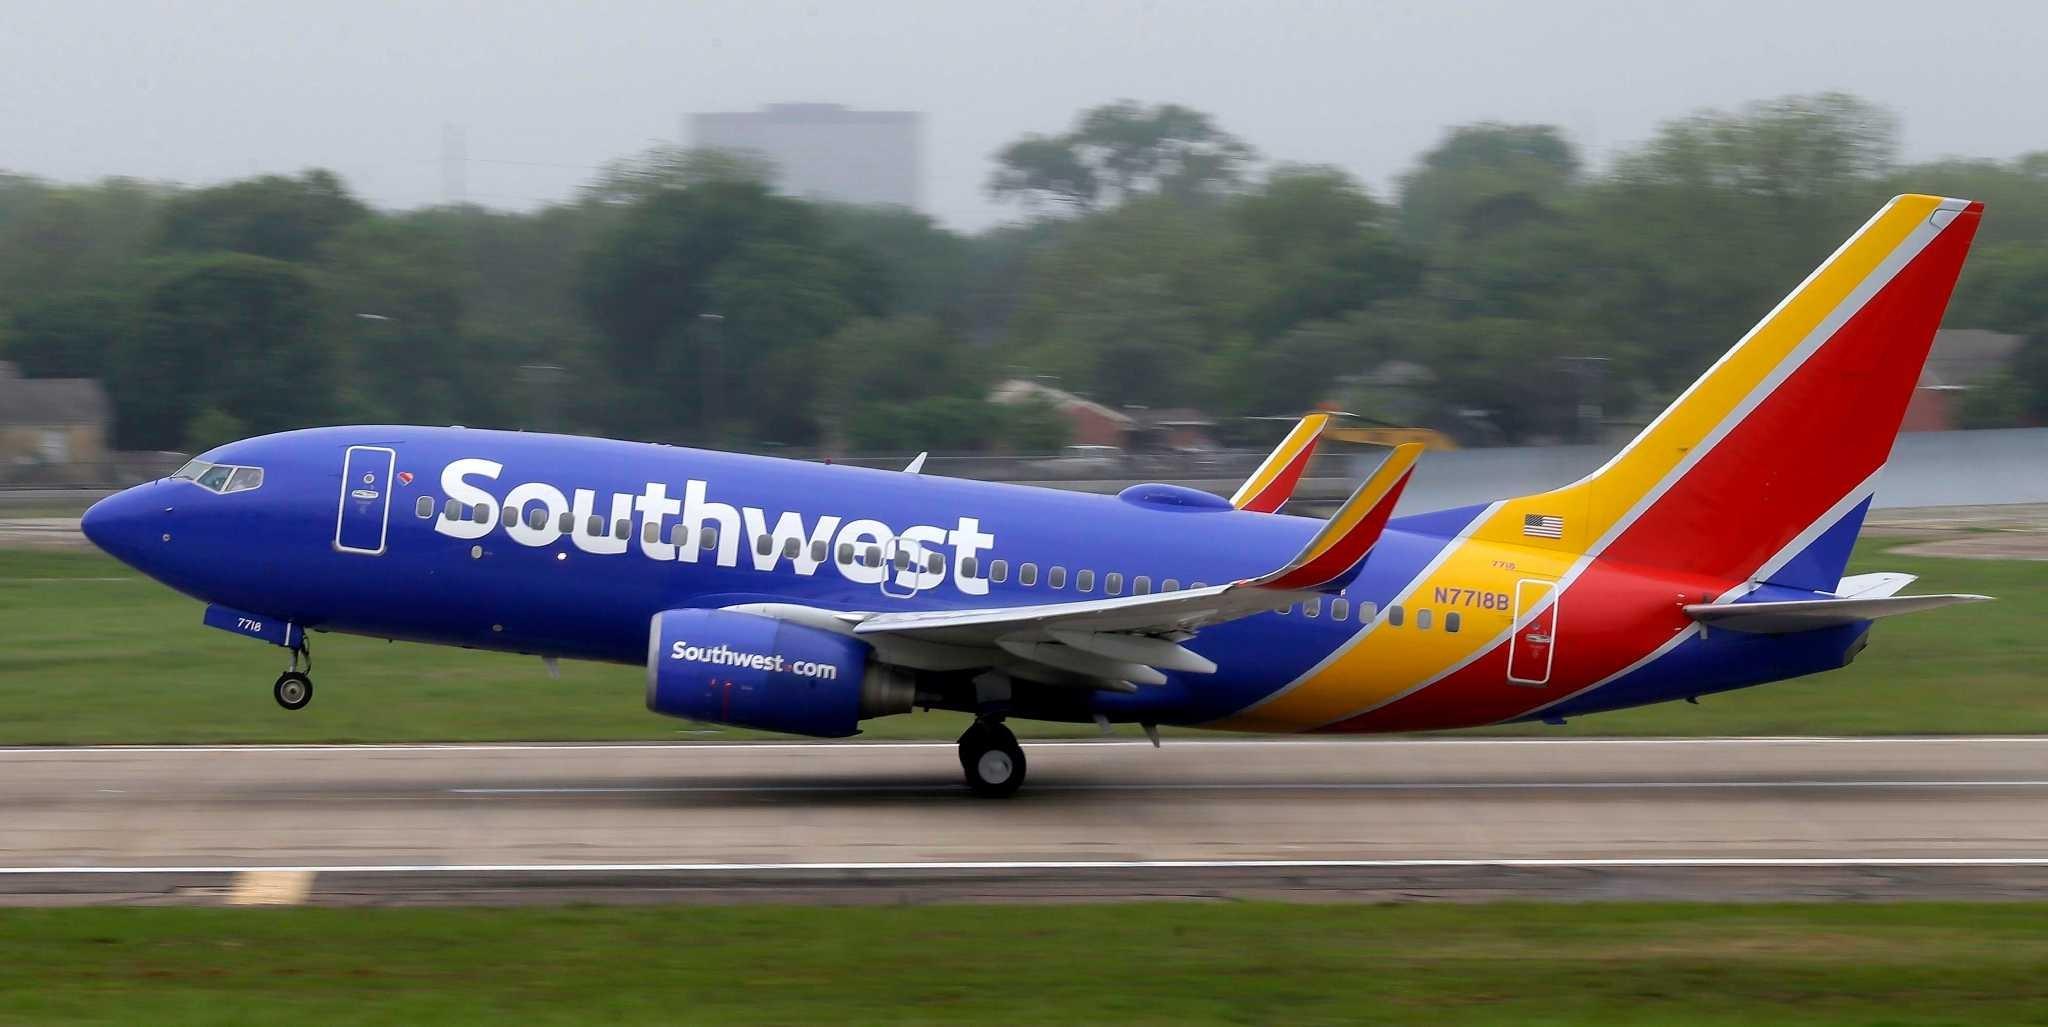 Авиакомпания Southwest Airlines выполнила 1-ый рейс с навсе 100% дамским экипажем